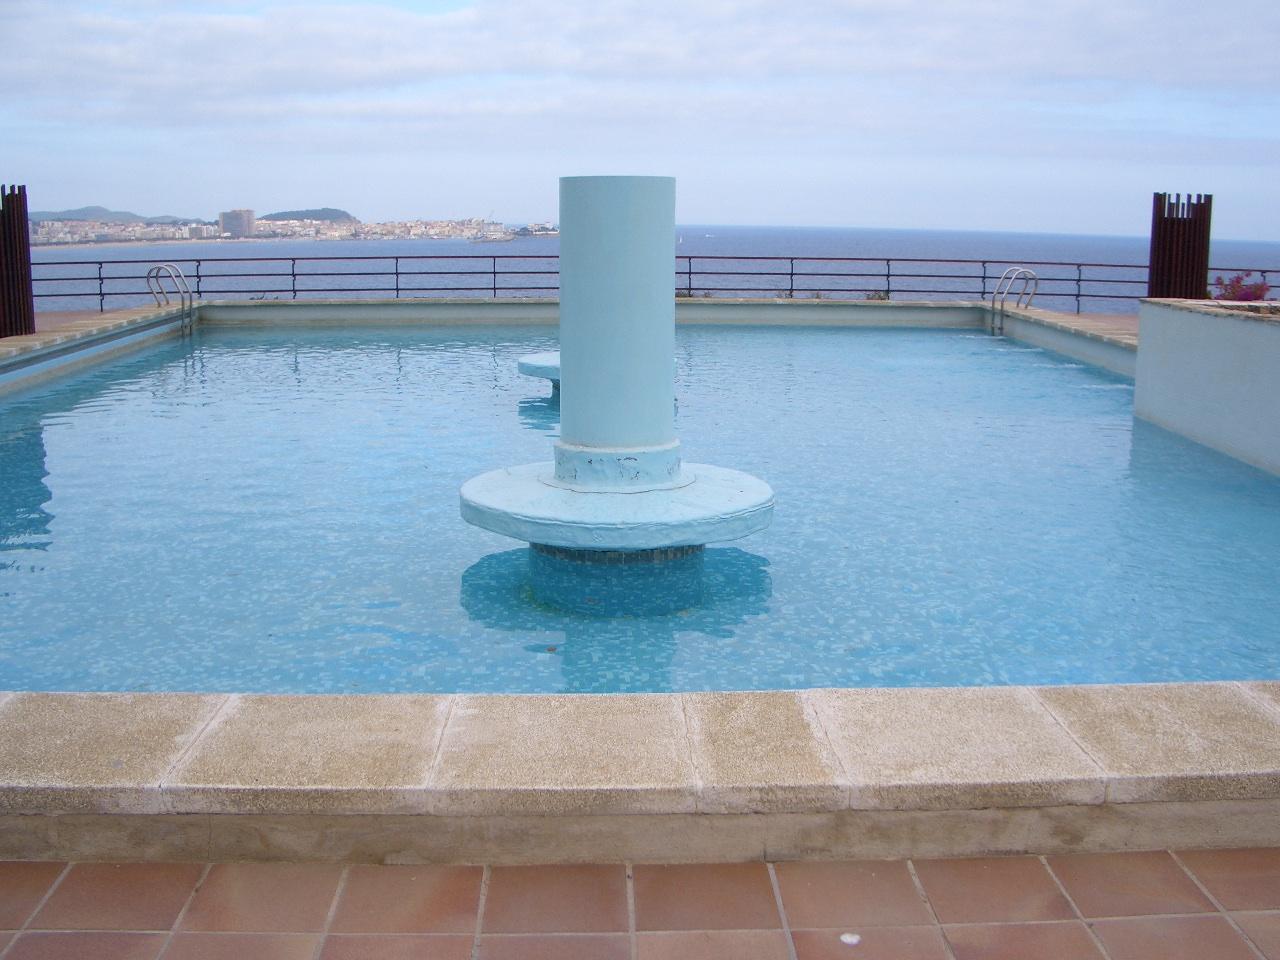 Rehabilitaci n piscina comunitaria en calonge for Piscinas hechas a medida